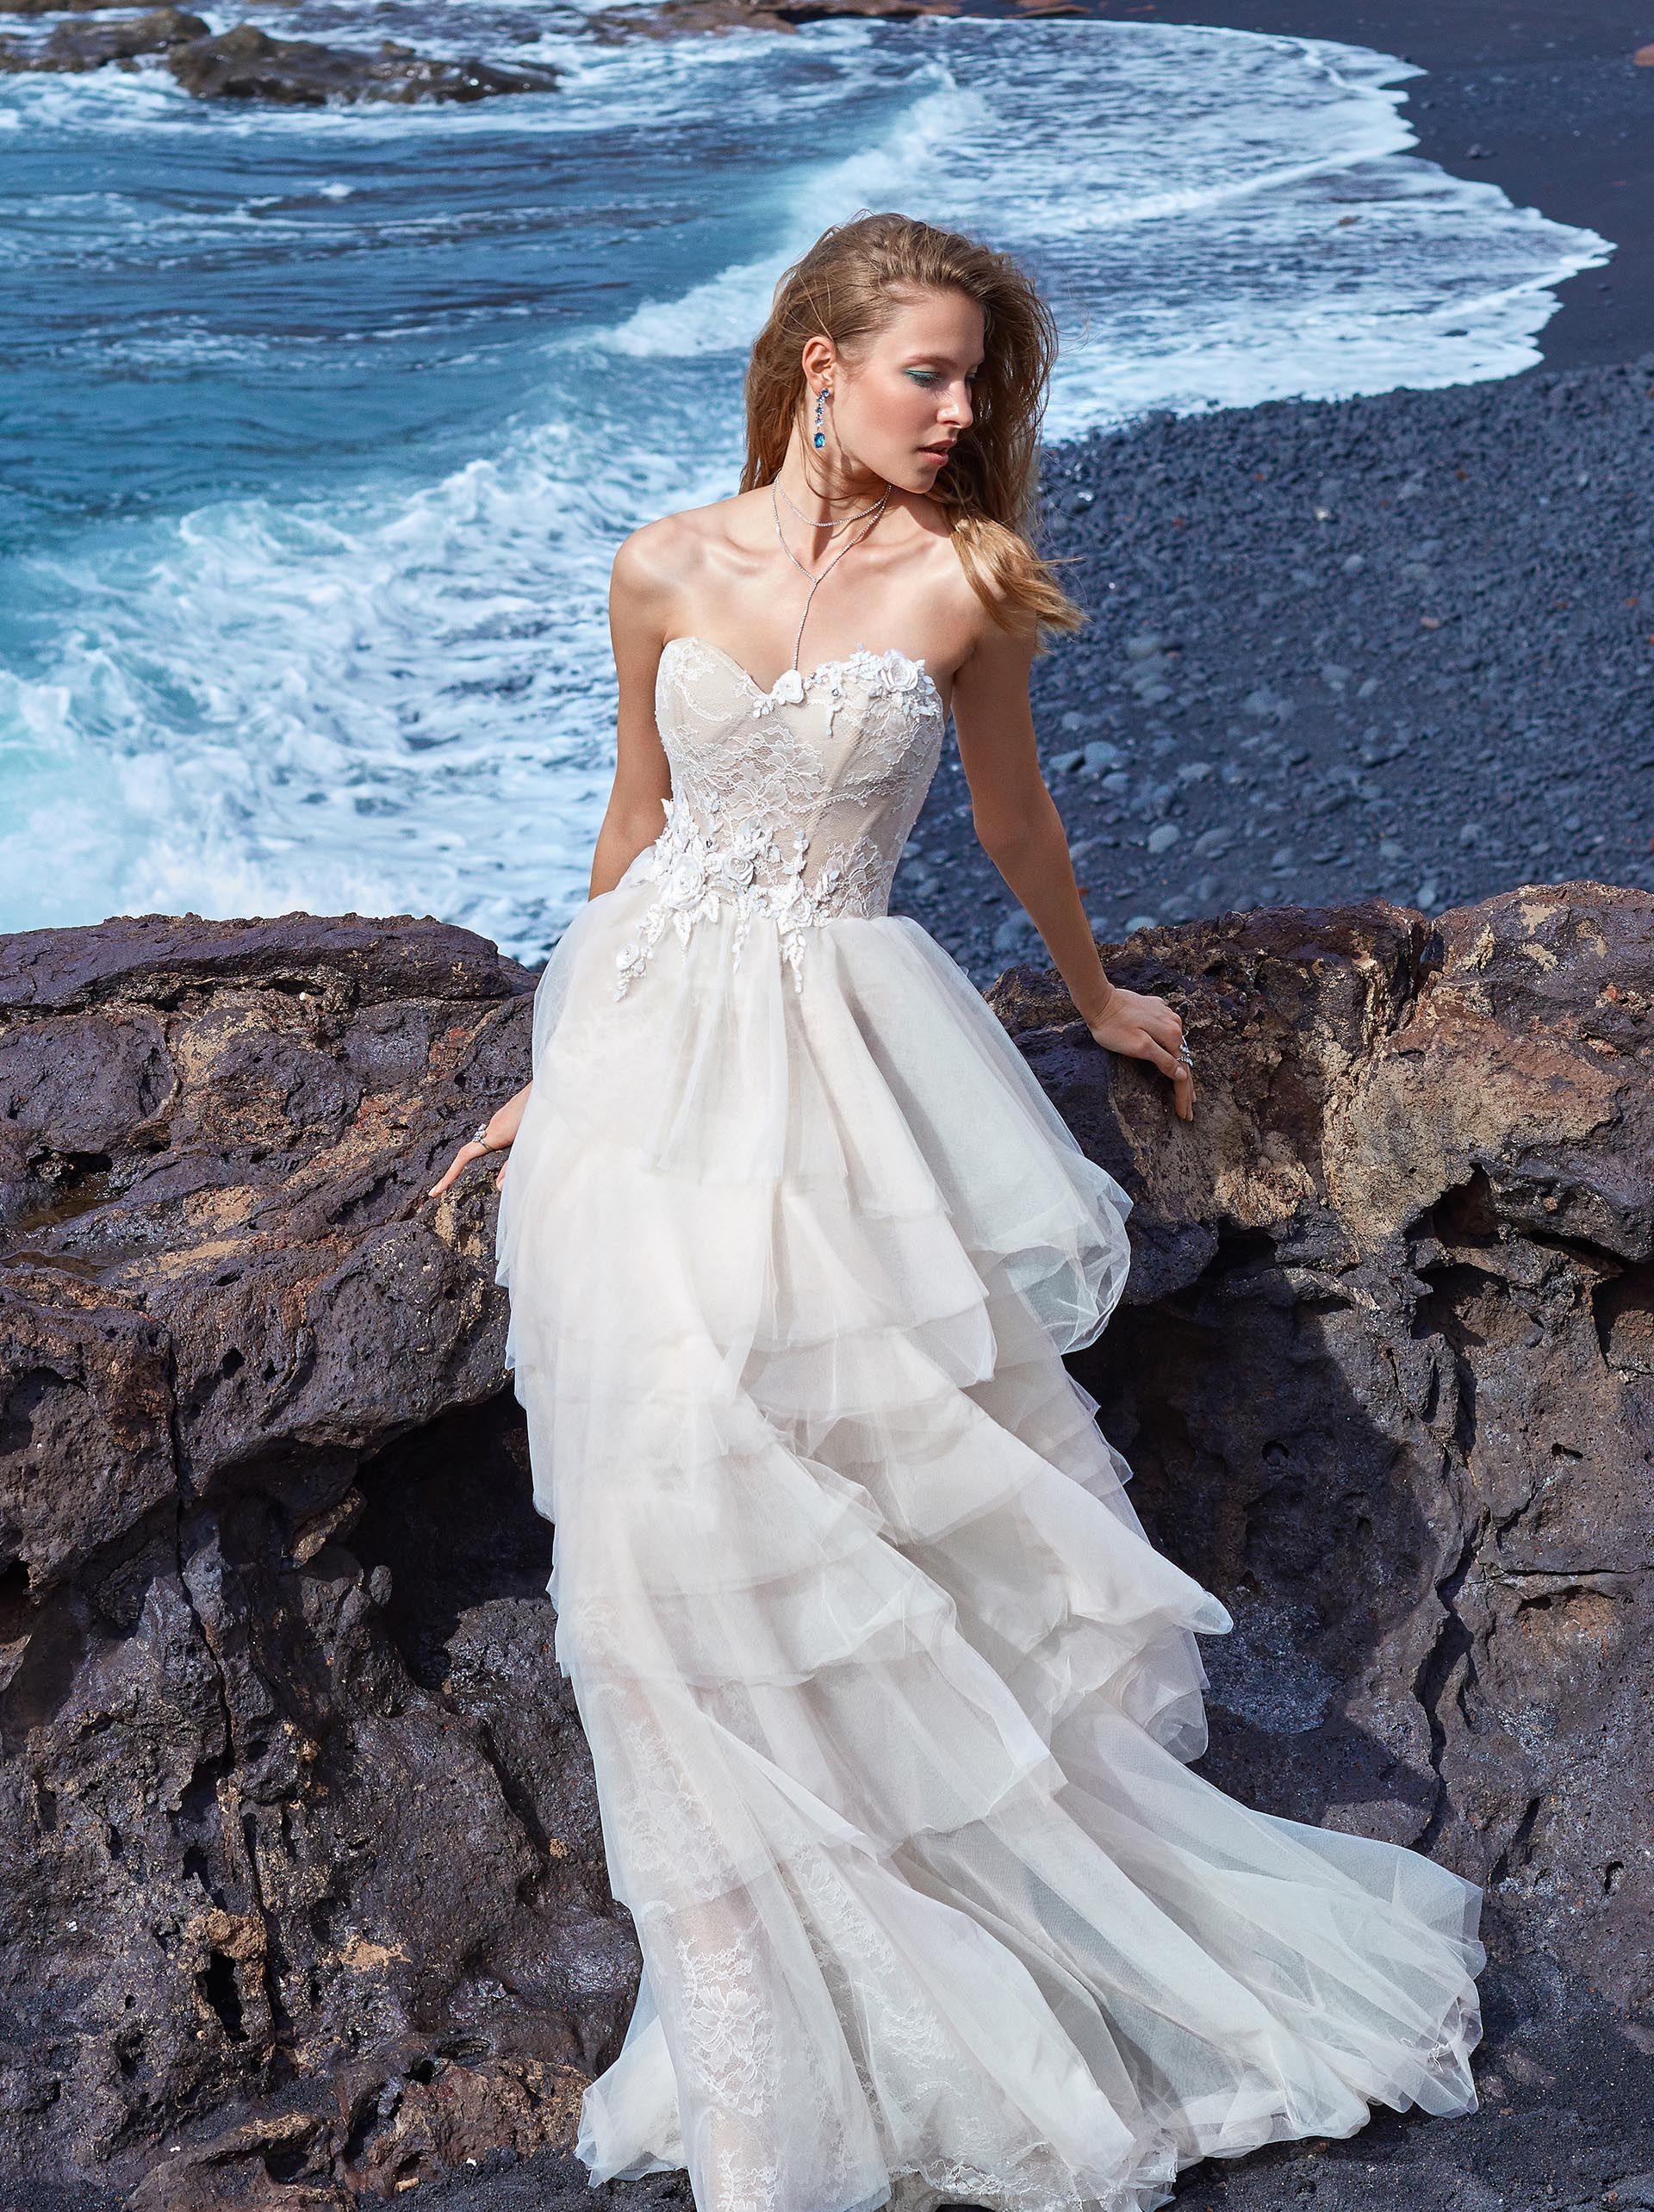 Gala 1014 Collection No V Bridal Dresses Galia Lahav Strapless Wedding Dress Mermaid Wedding Dresses Galia Lahav Wedding Dress [ 2568 x 1920 Pixel ]